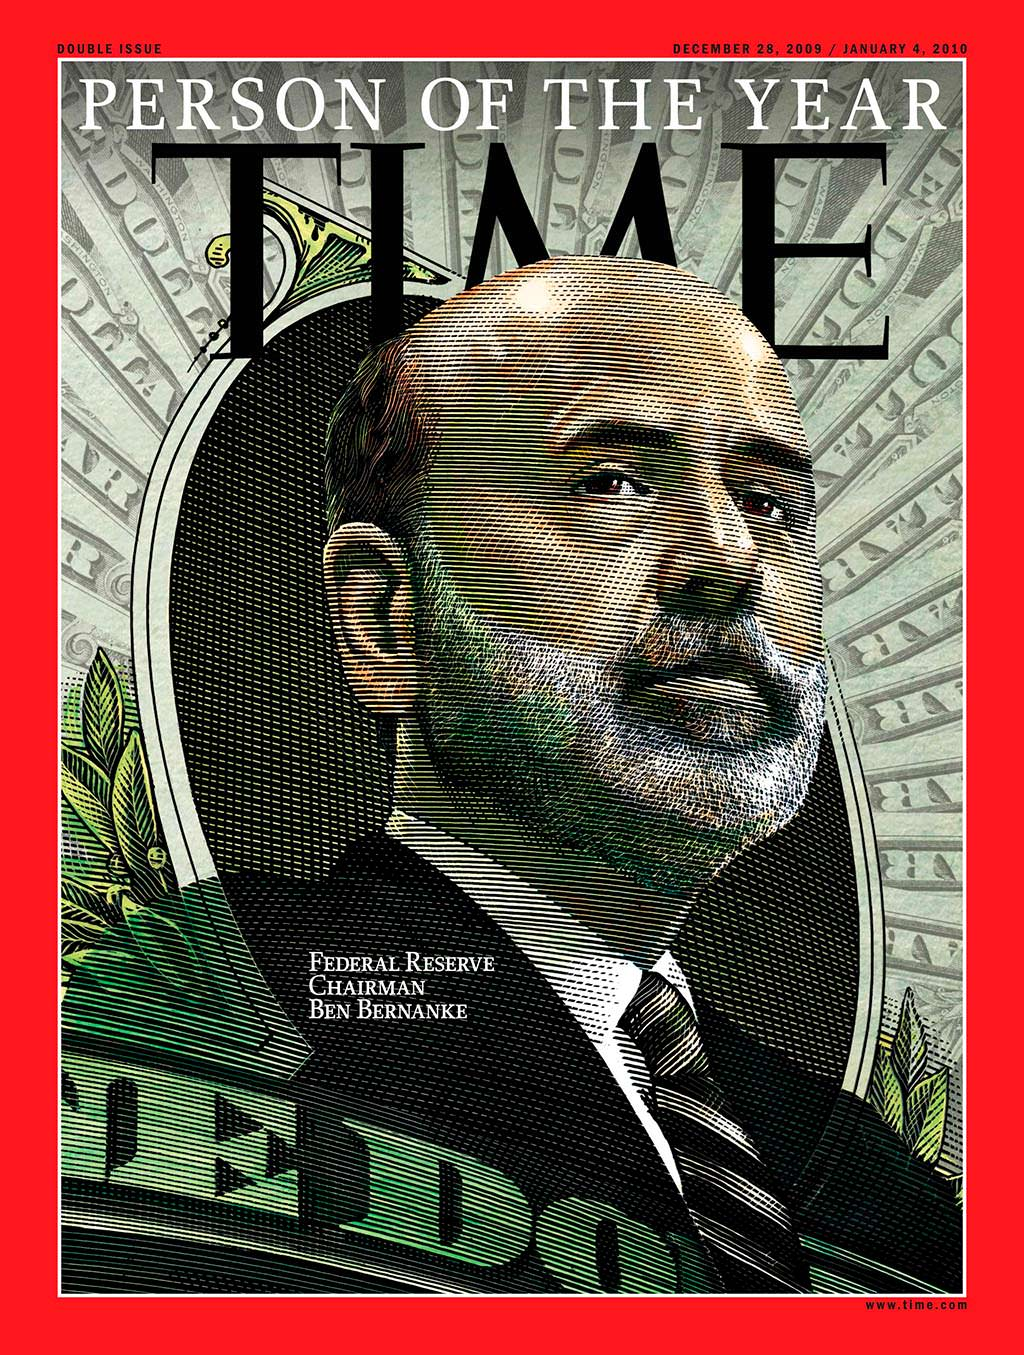 2009 год. Председатель ФРС Бен Бернанке на обложке Time